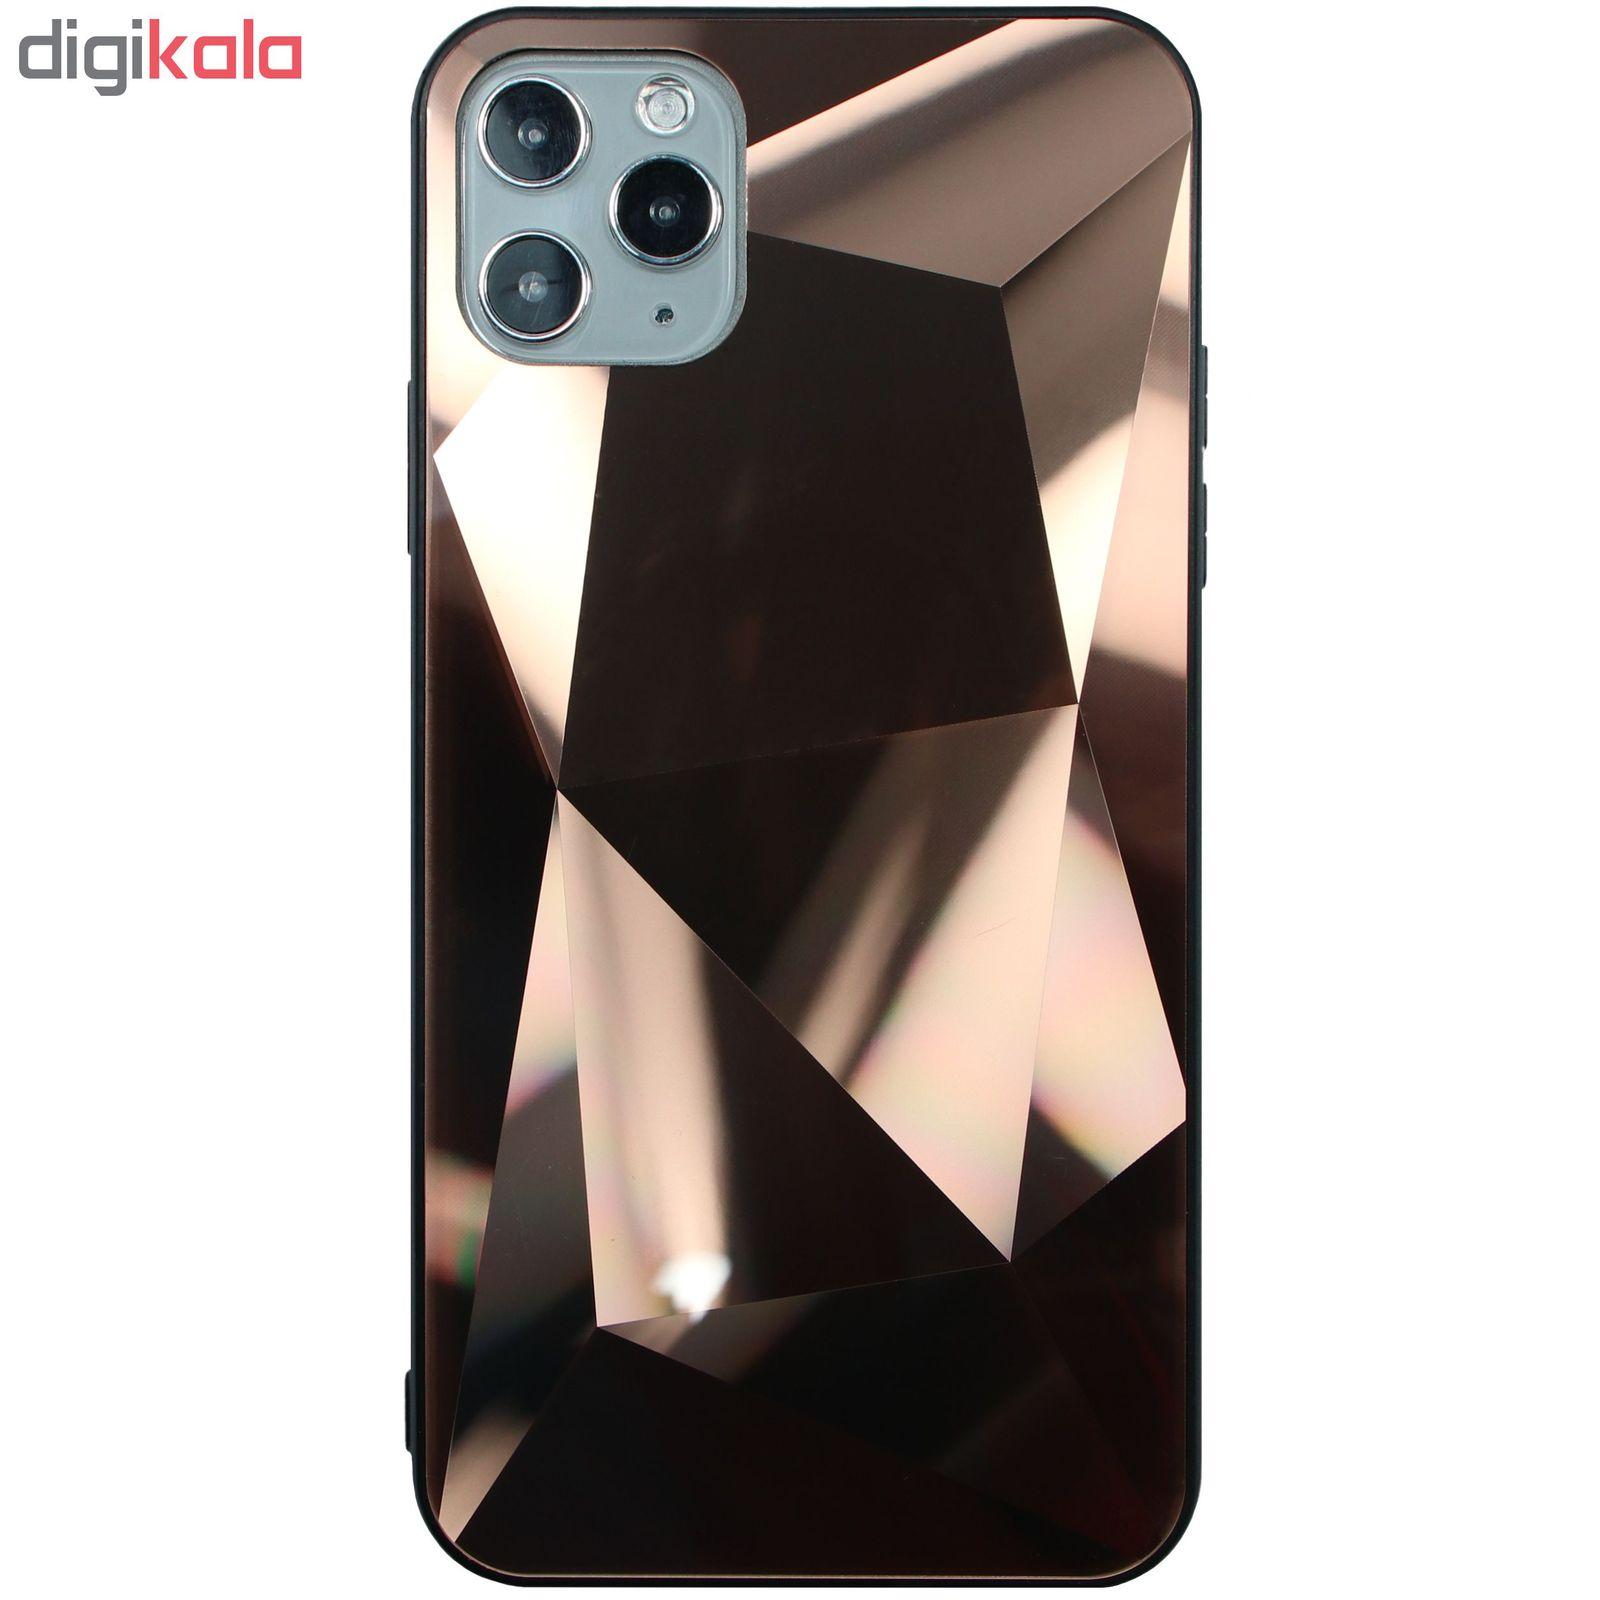 کاور مدل S18 مناسب برای گوشی موبایل اپل iphone 11 pro main 1 1